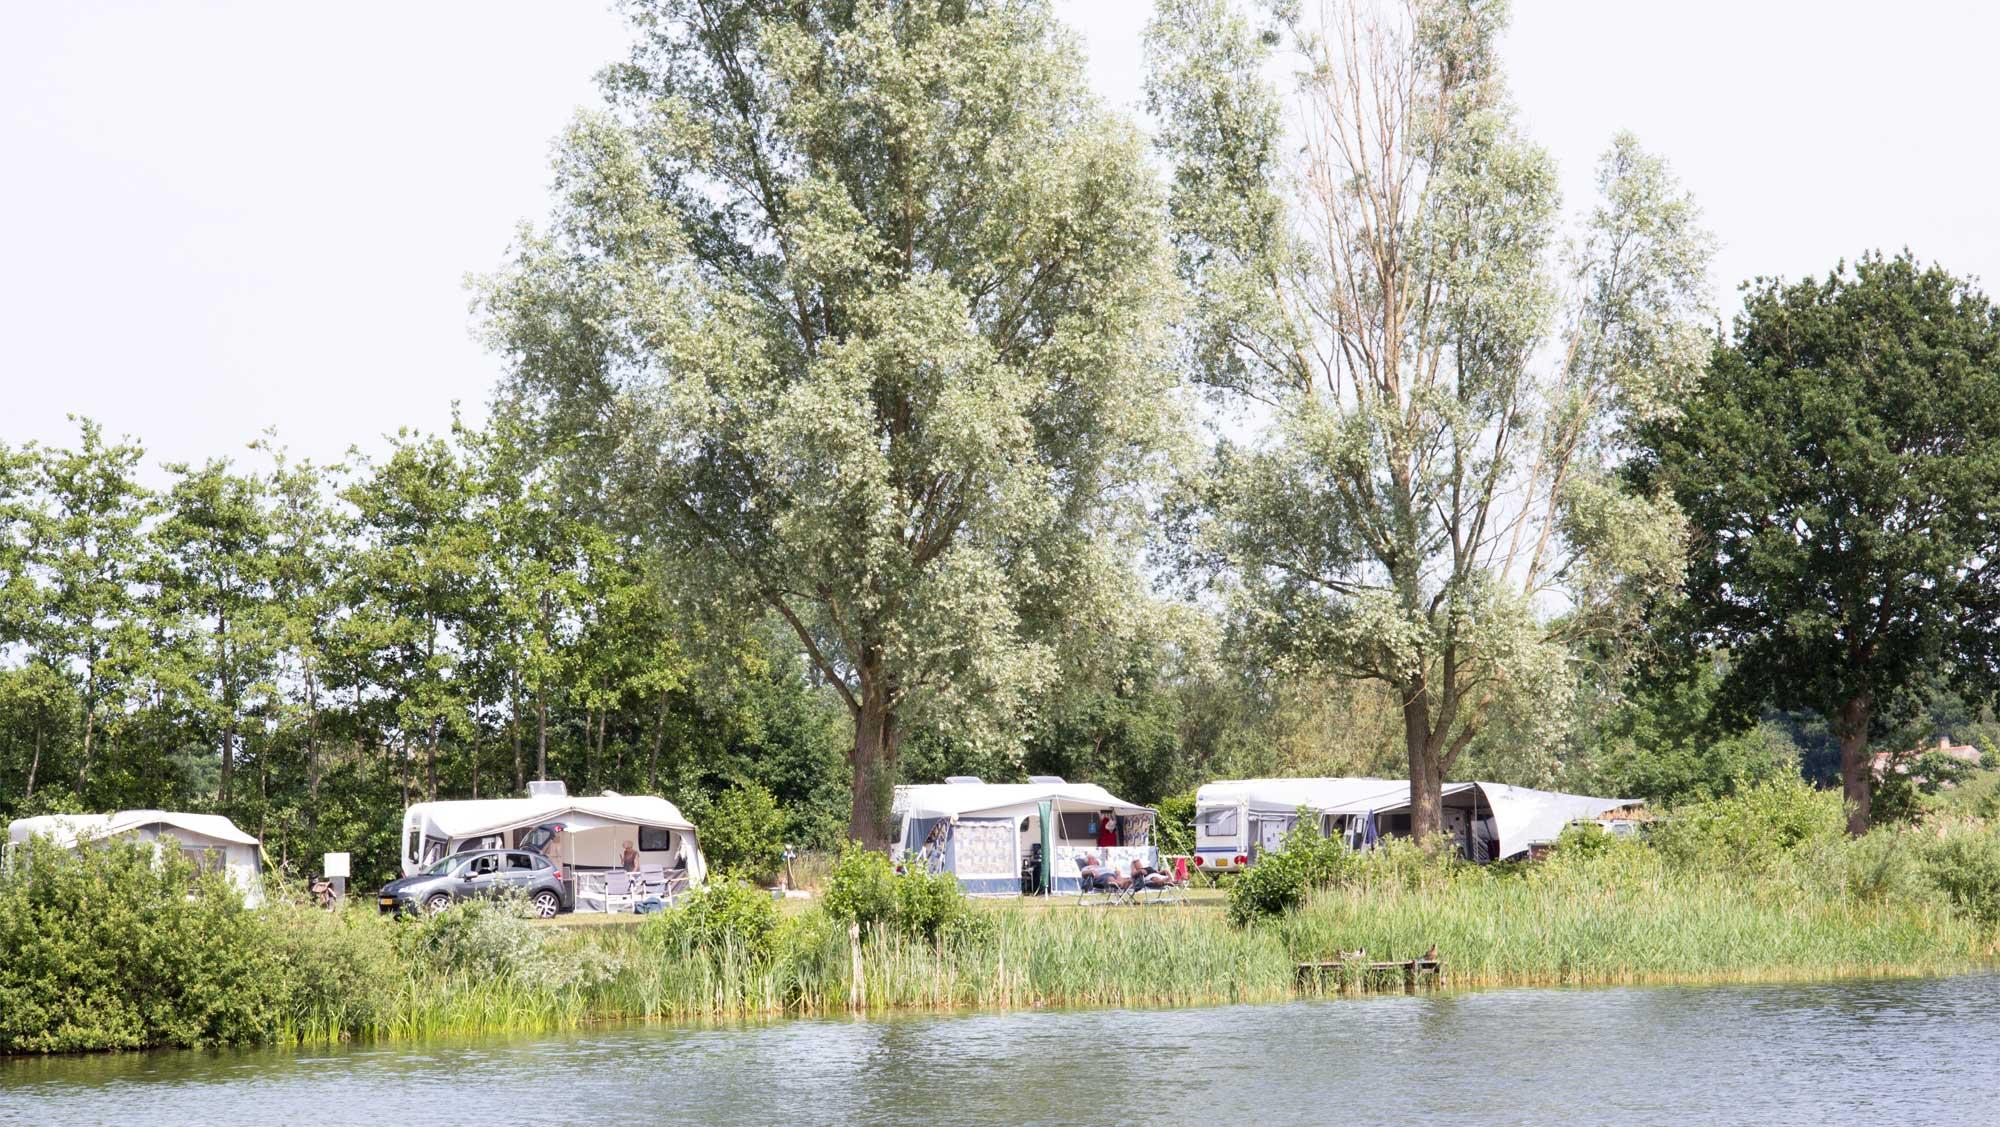 Seizoenplaats kamperen Molecaten Park De Agnietenberg 03